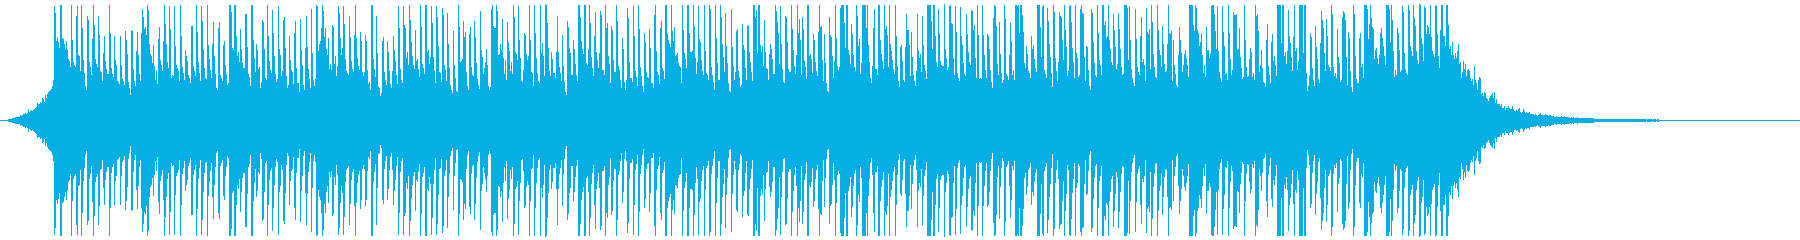 爽やか明るい・ゆったり/企業VP系08sの再生済みの波形